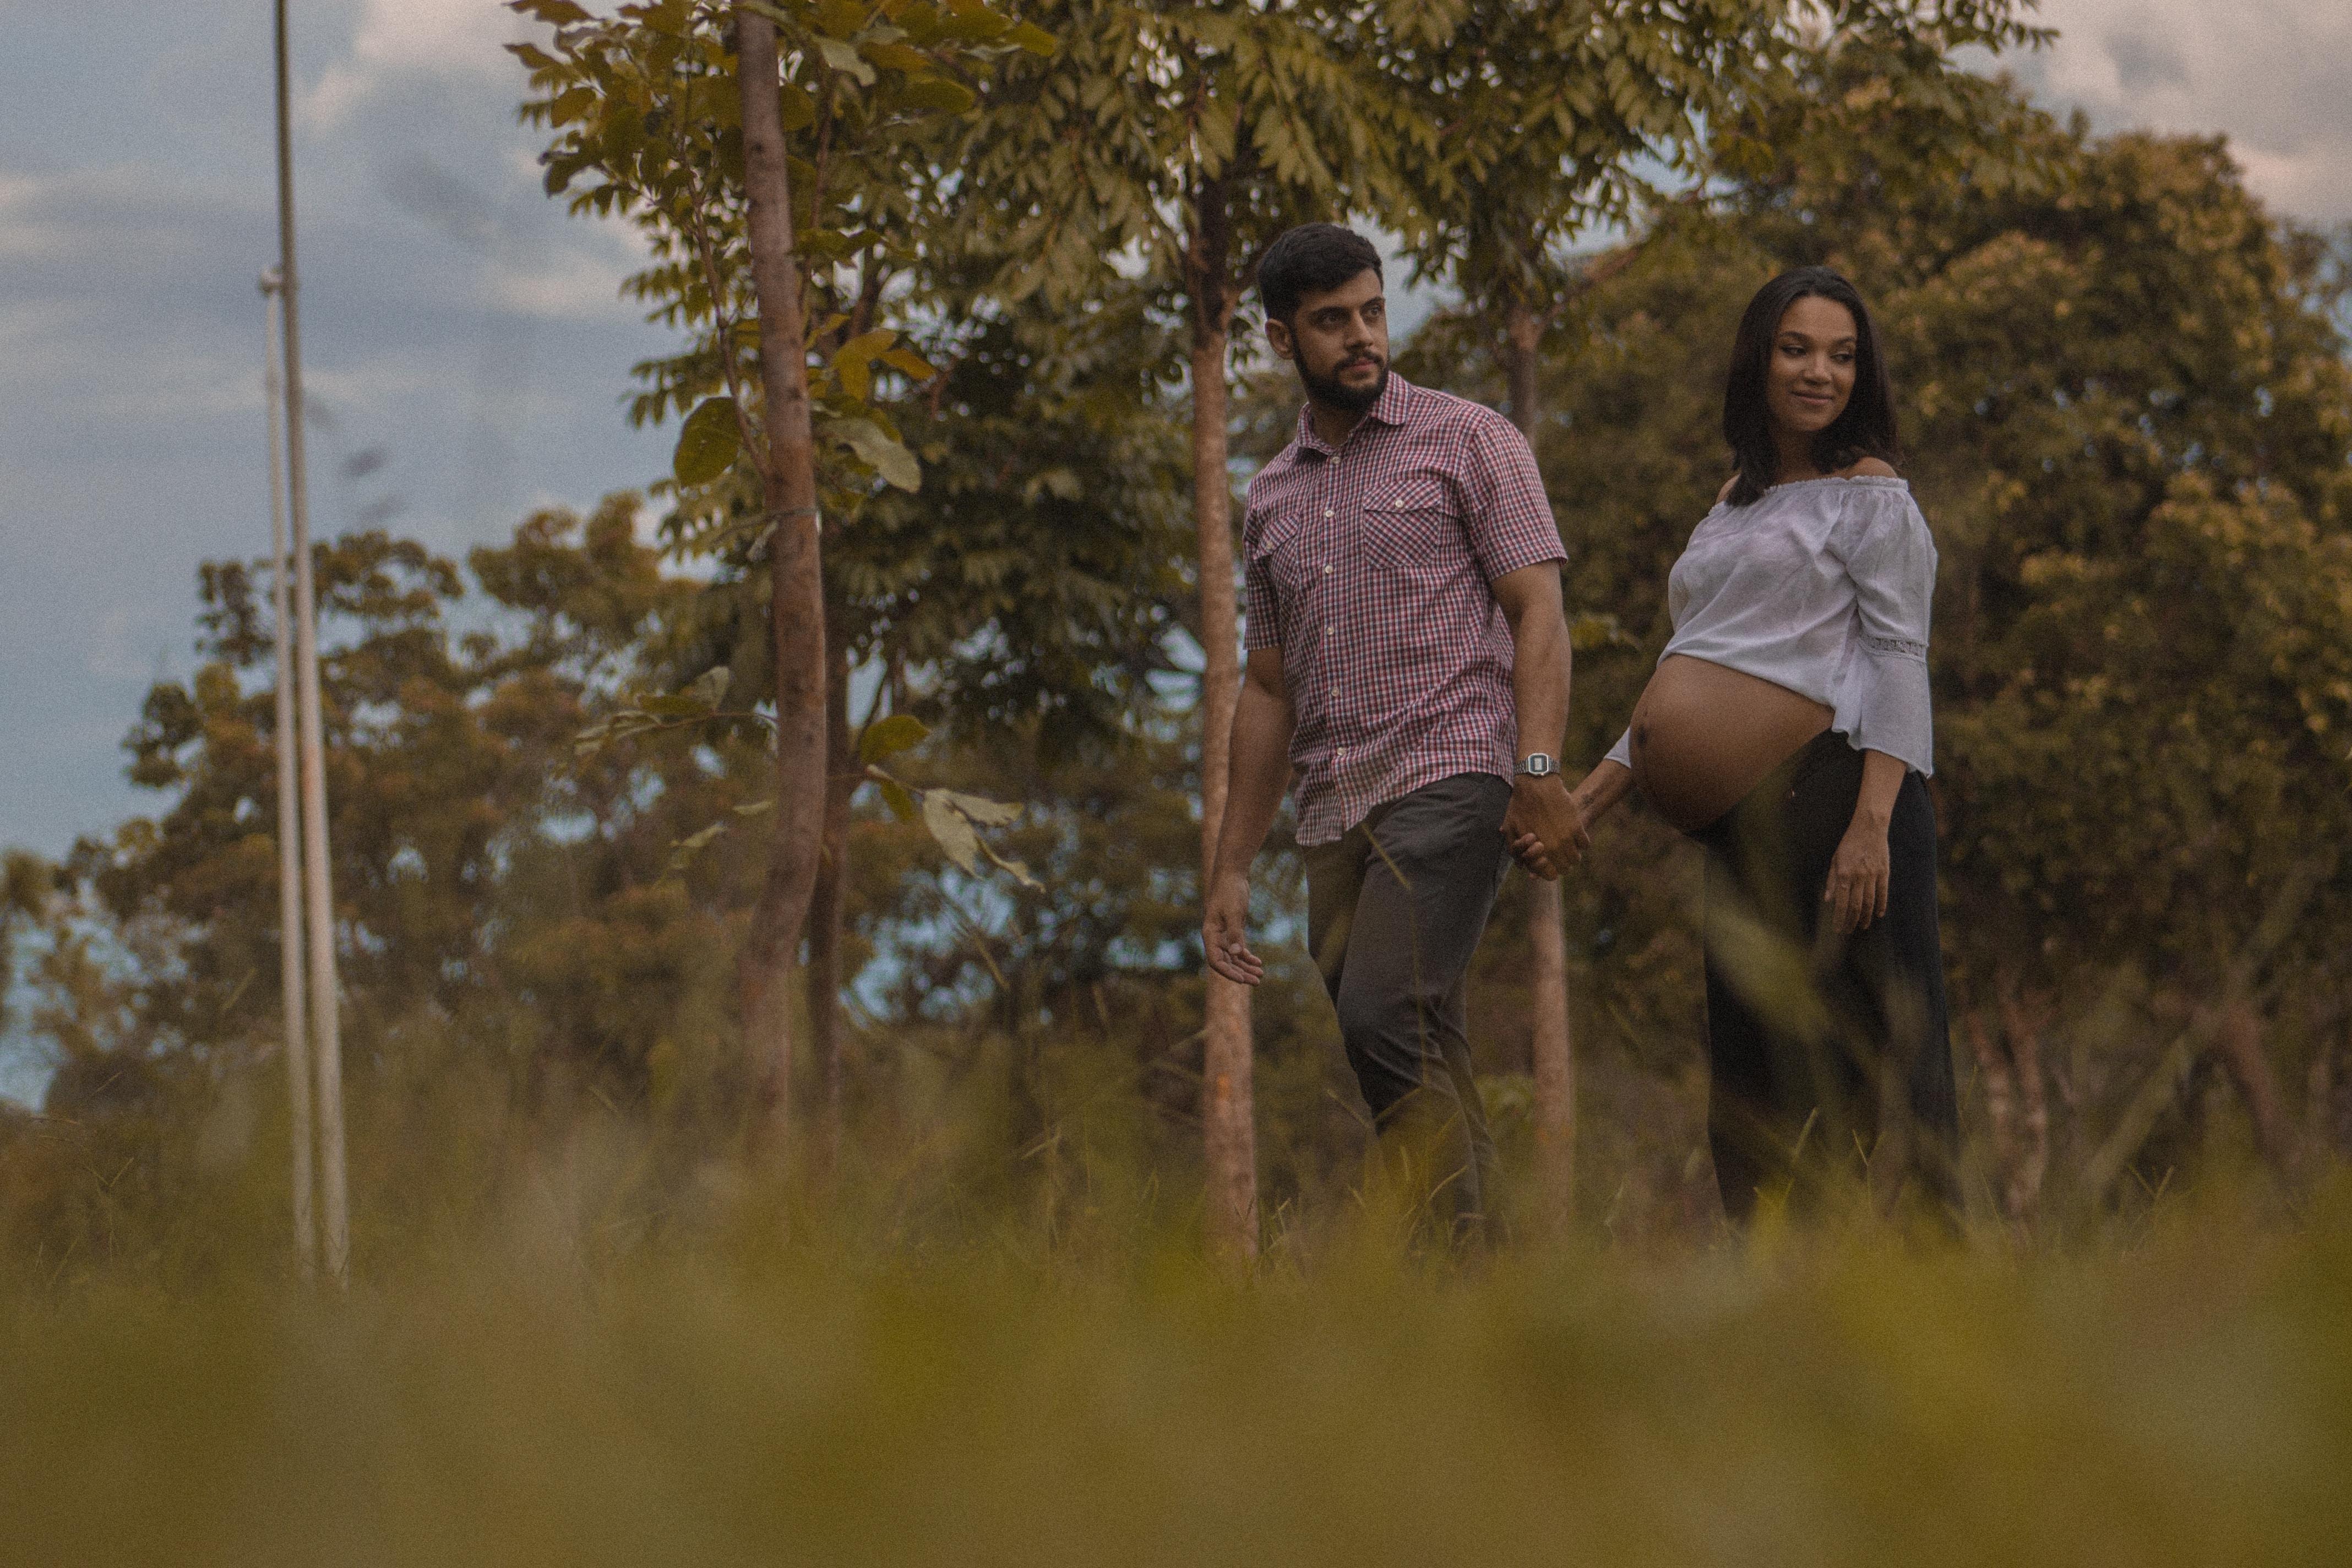 pregnant-couple-walking-in-field